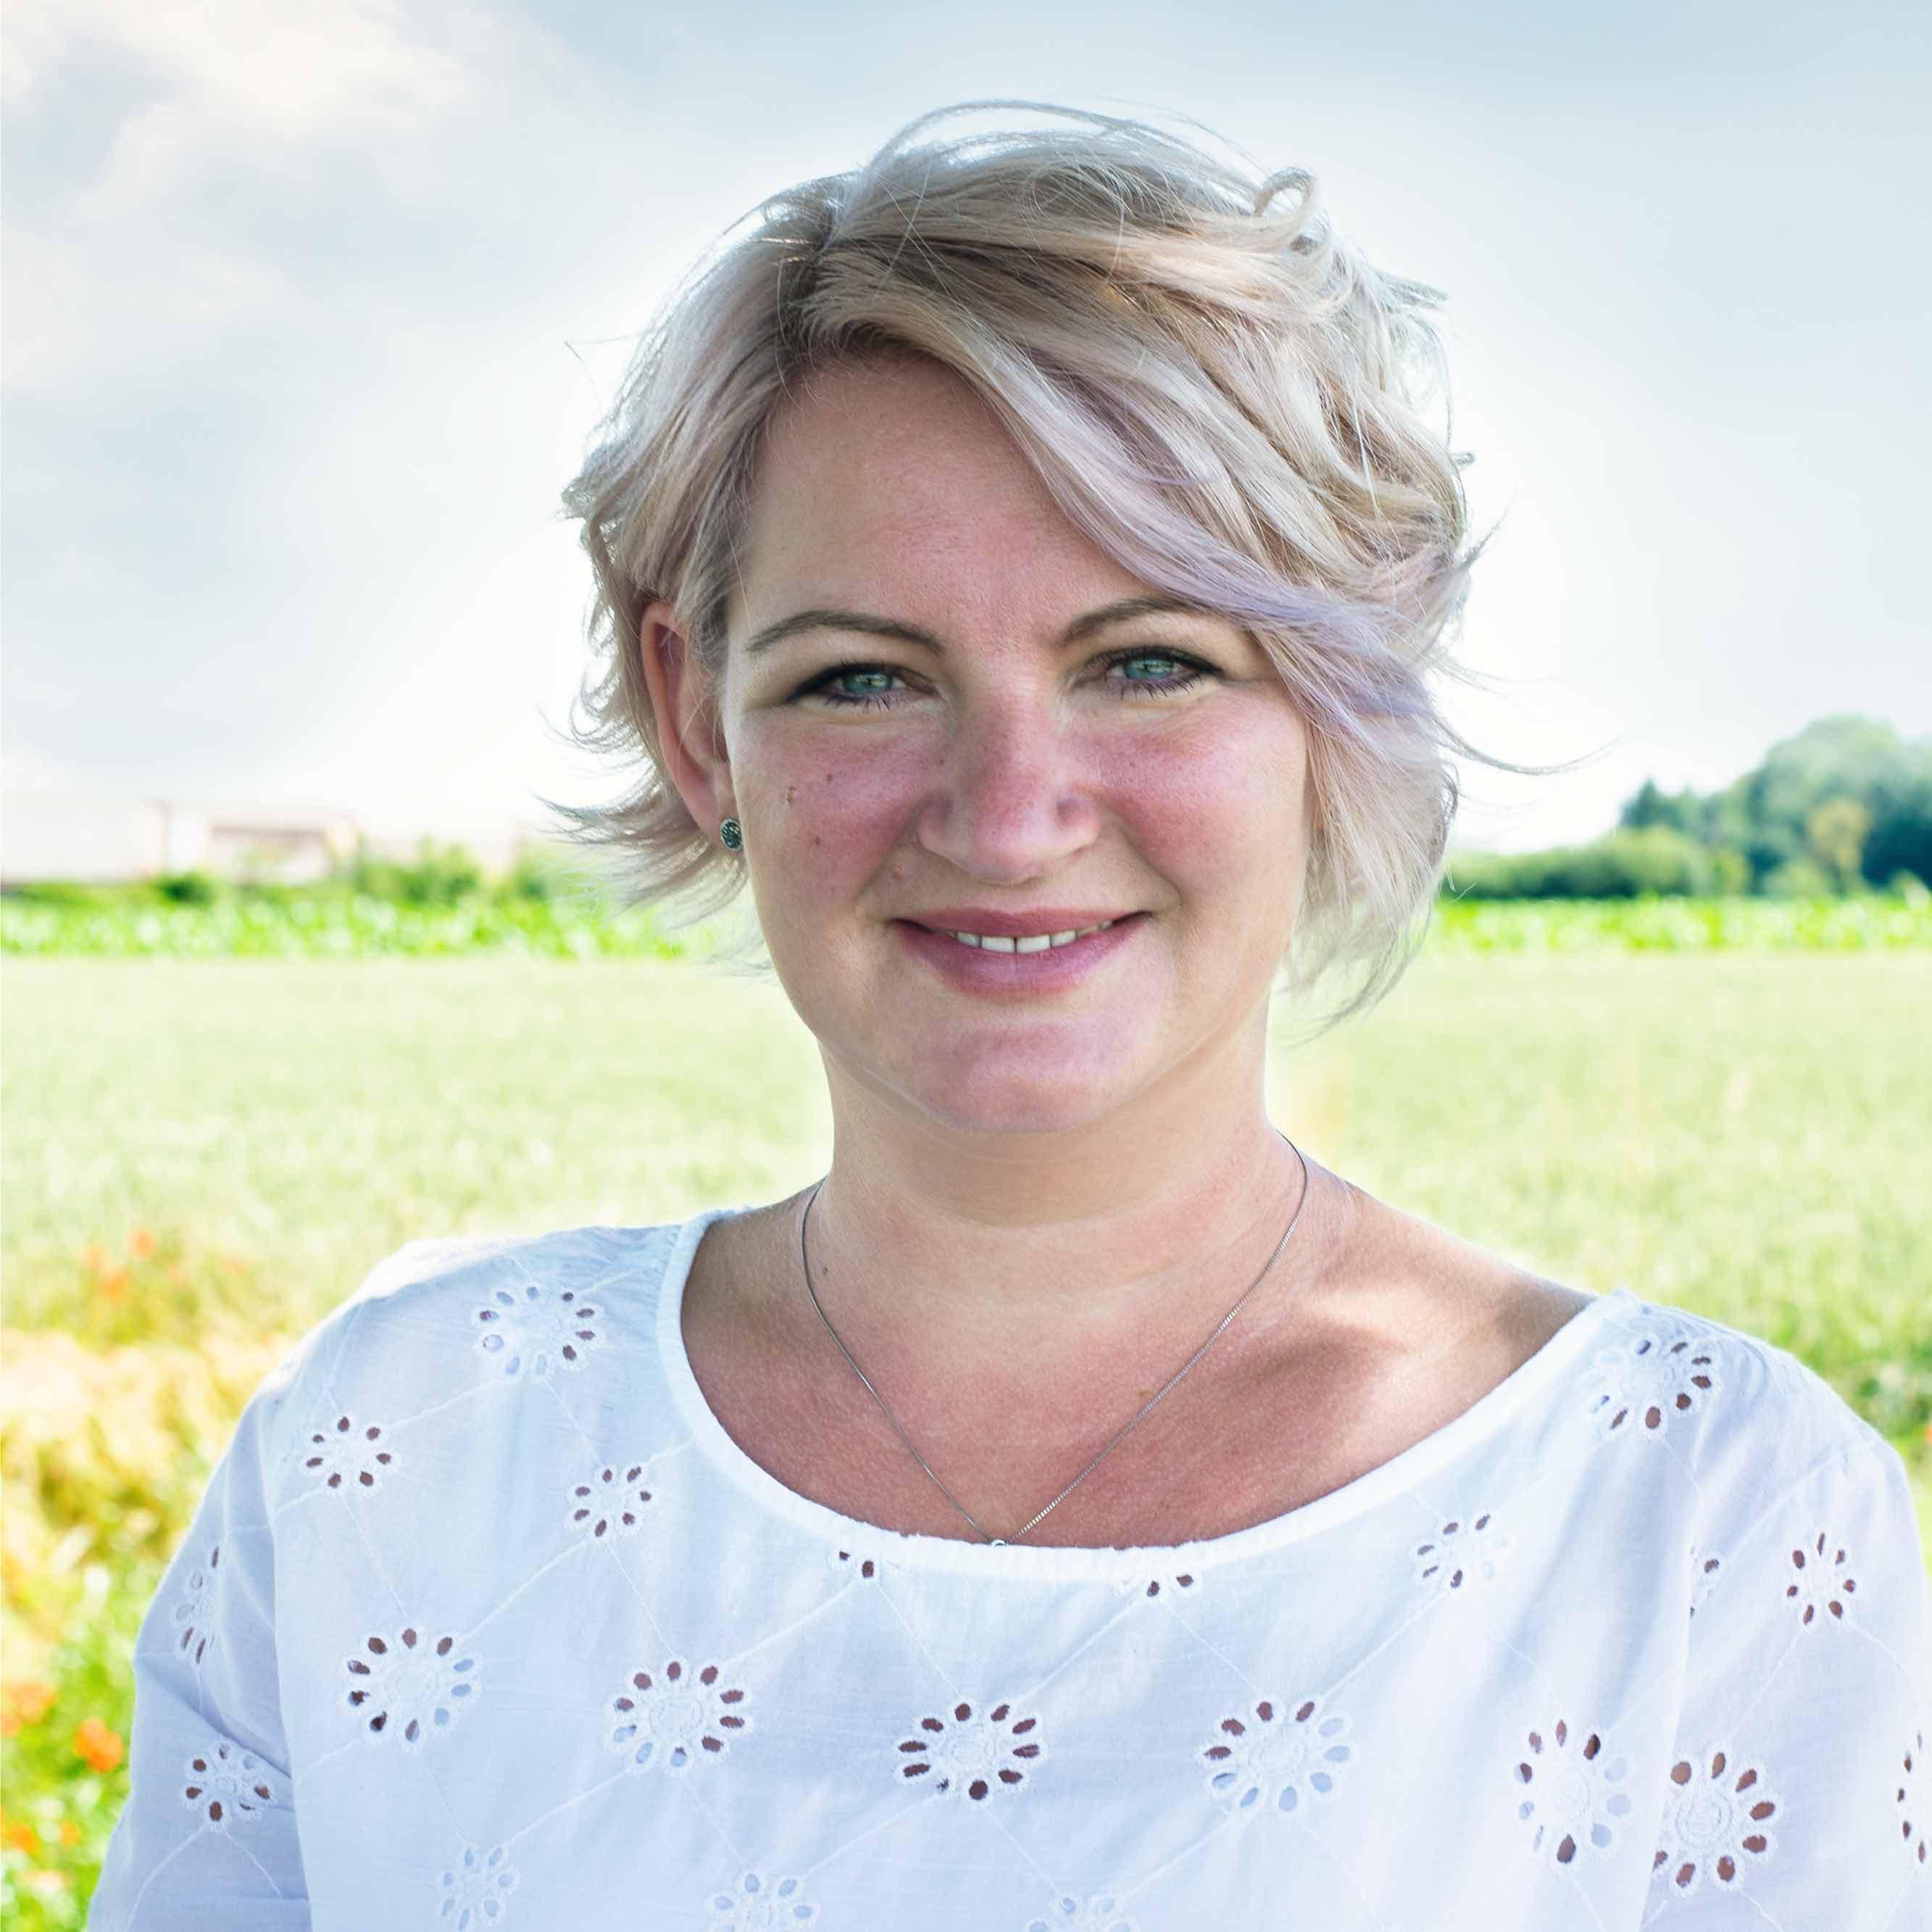 Gaby Böttcher